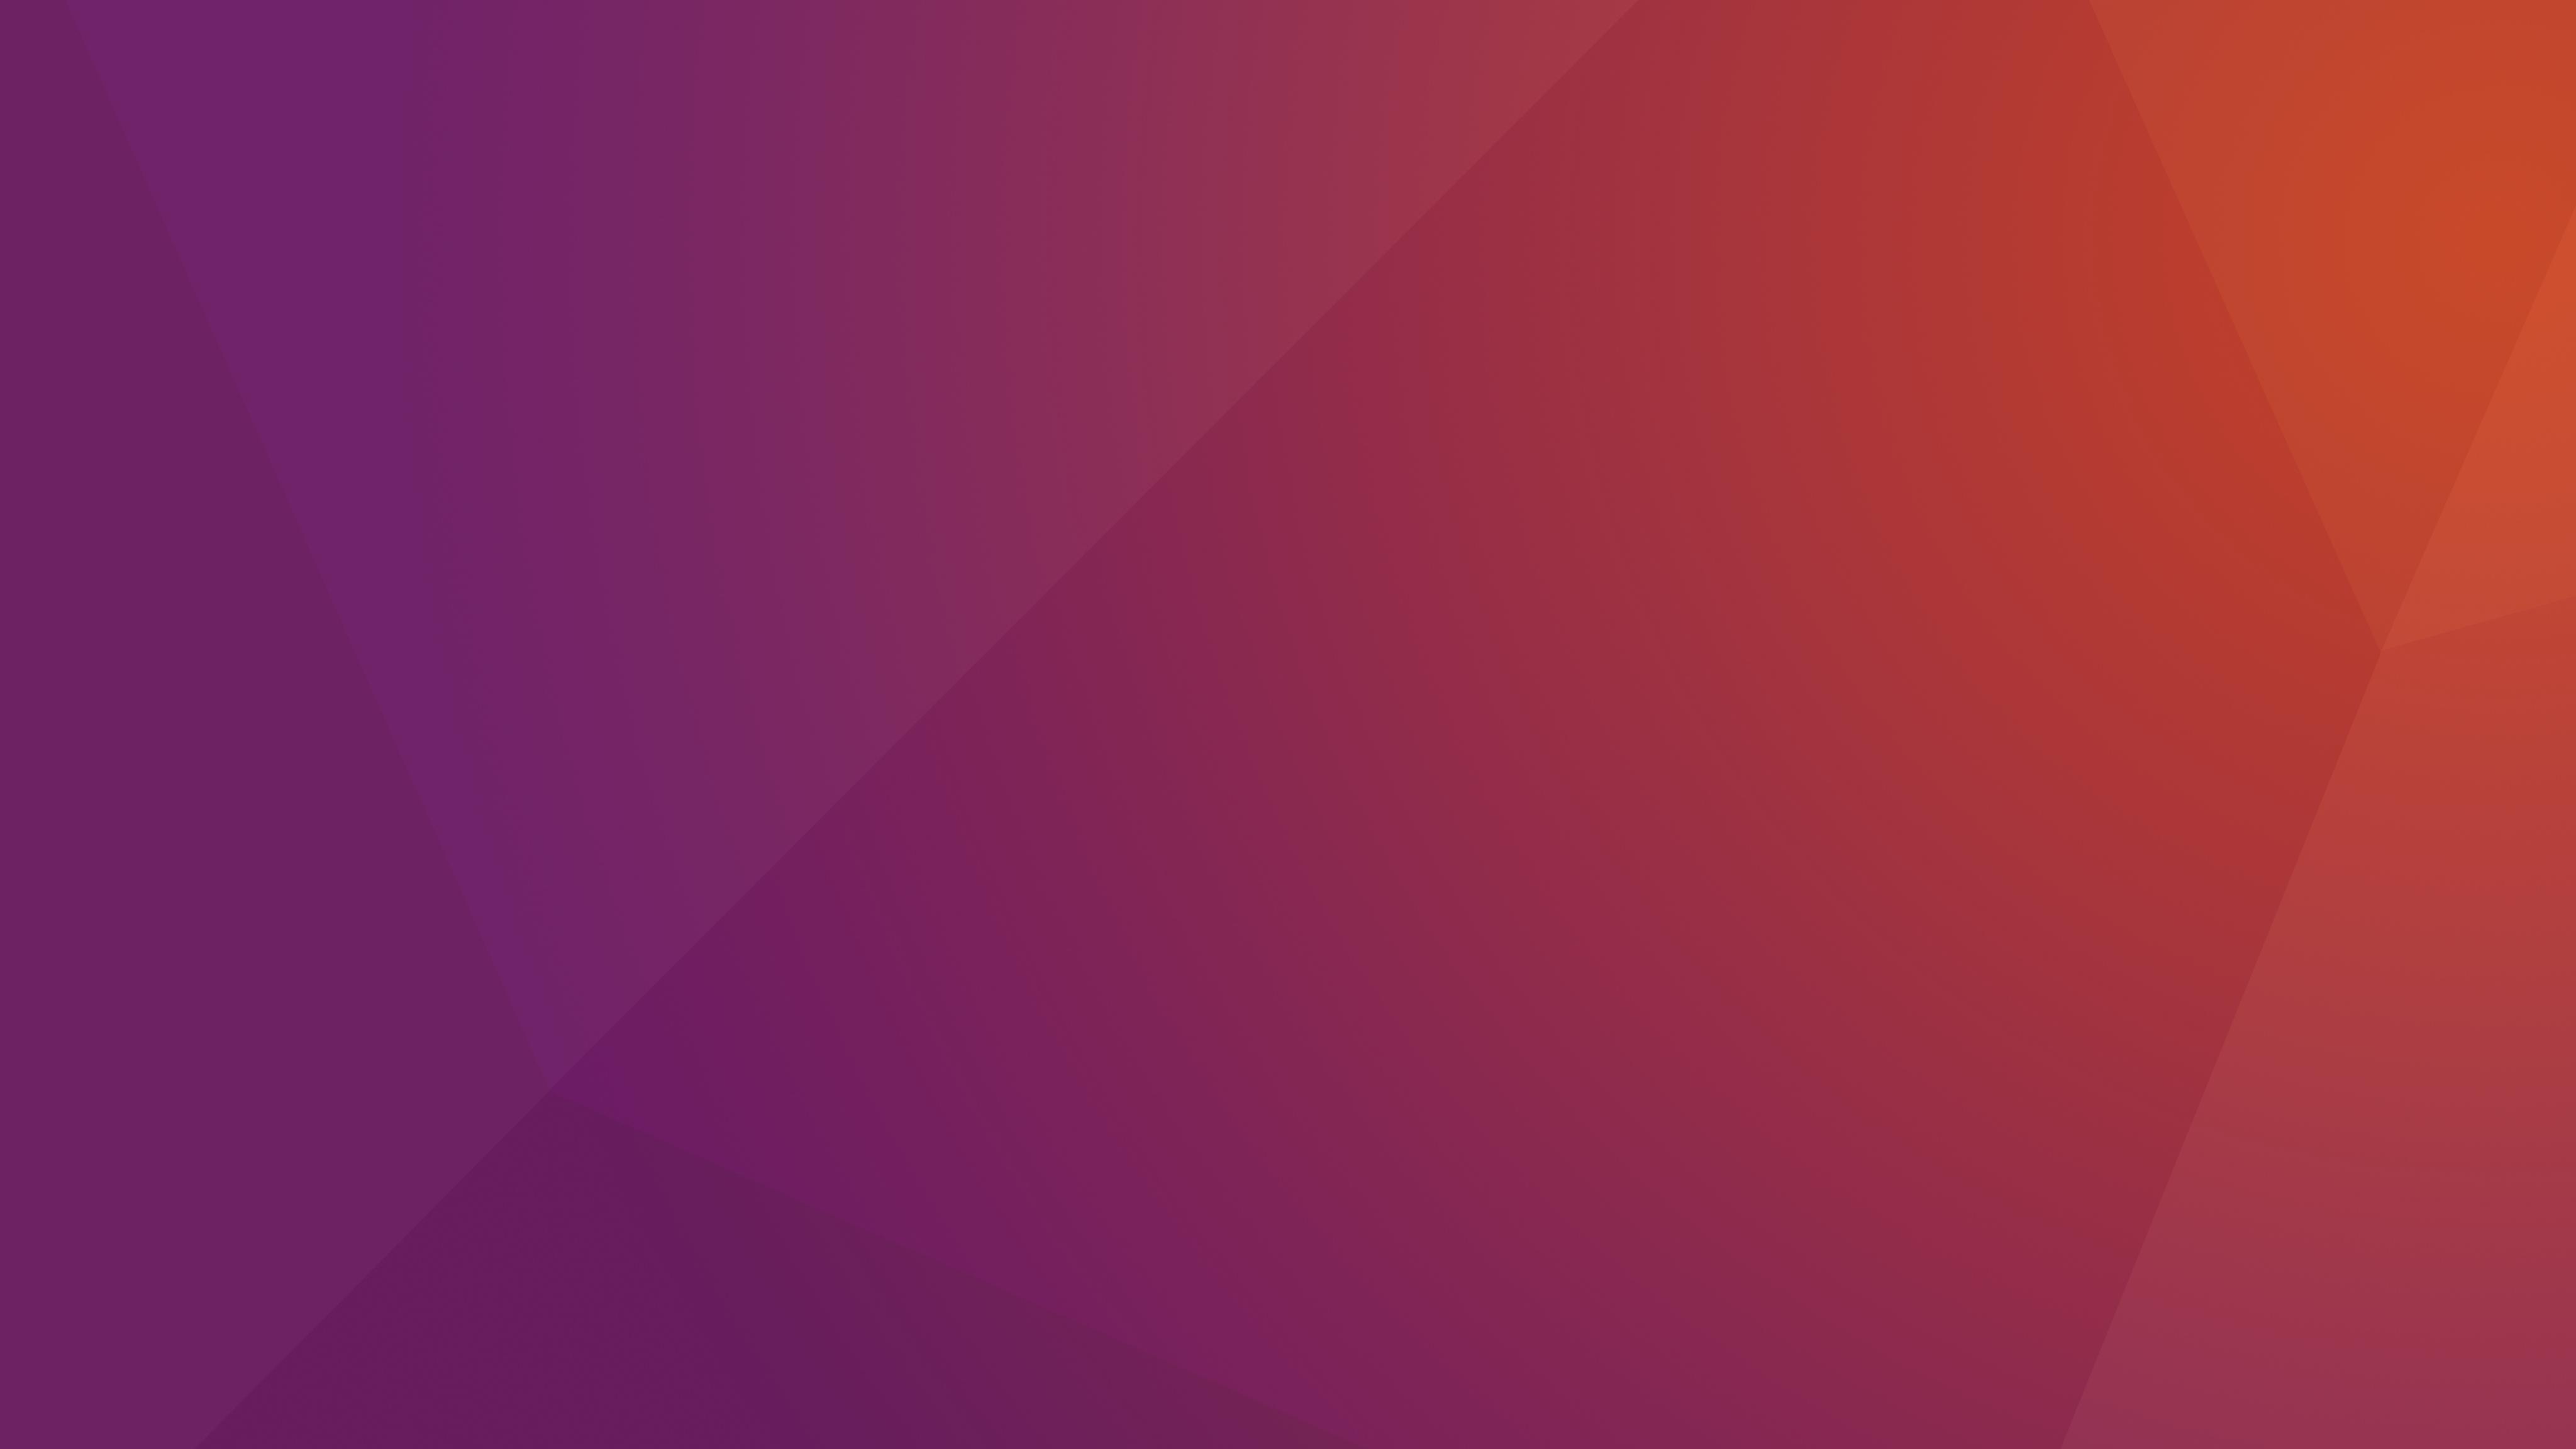 Ubuntu Original 2016 HD, HD Computer, 4k Wallpapers